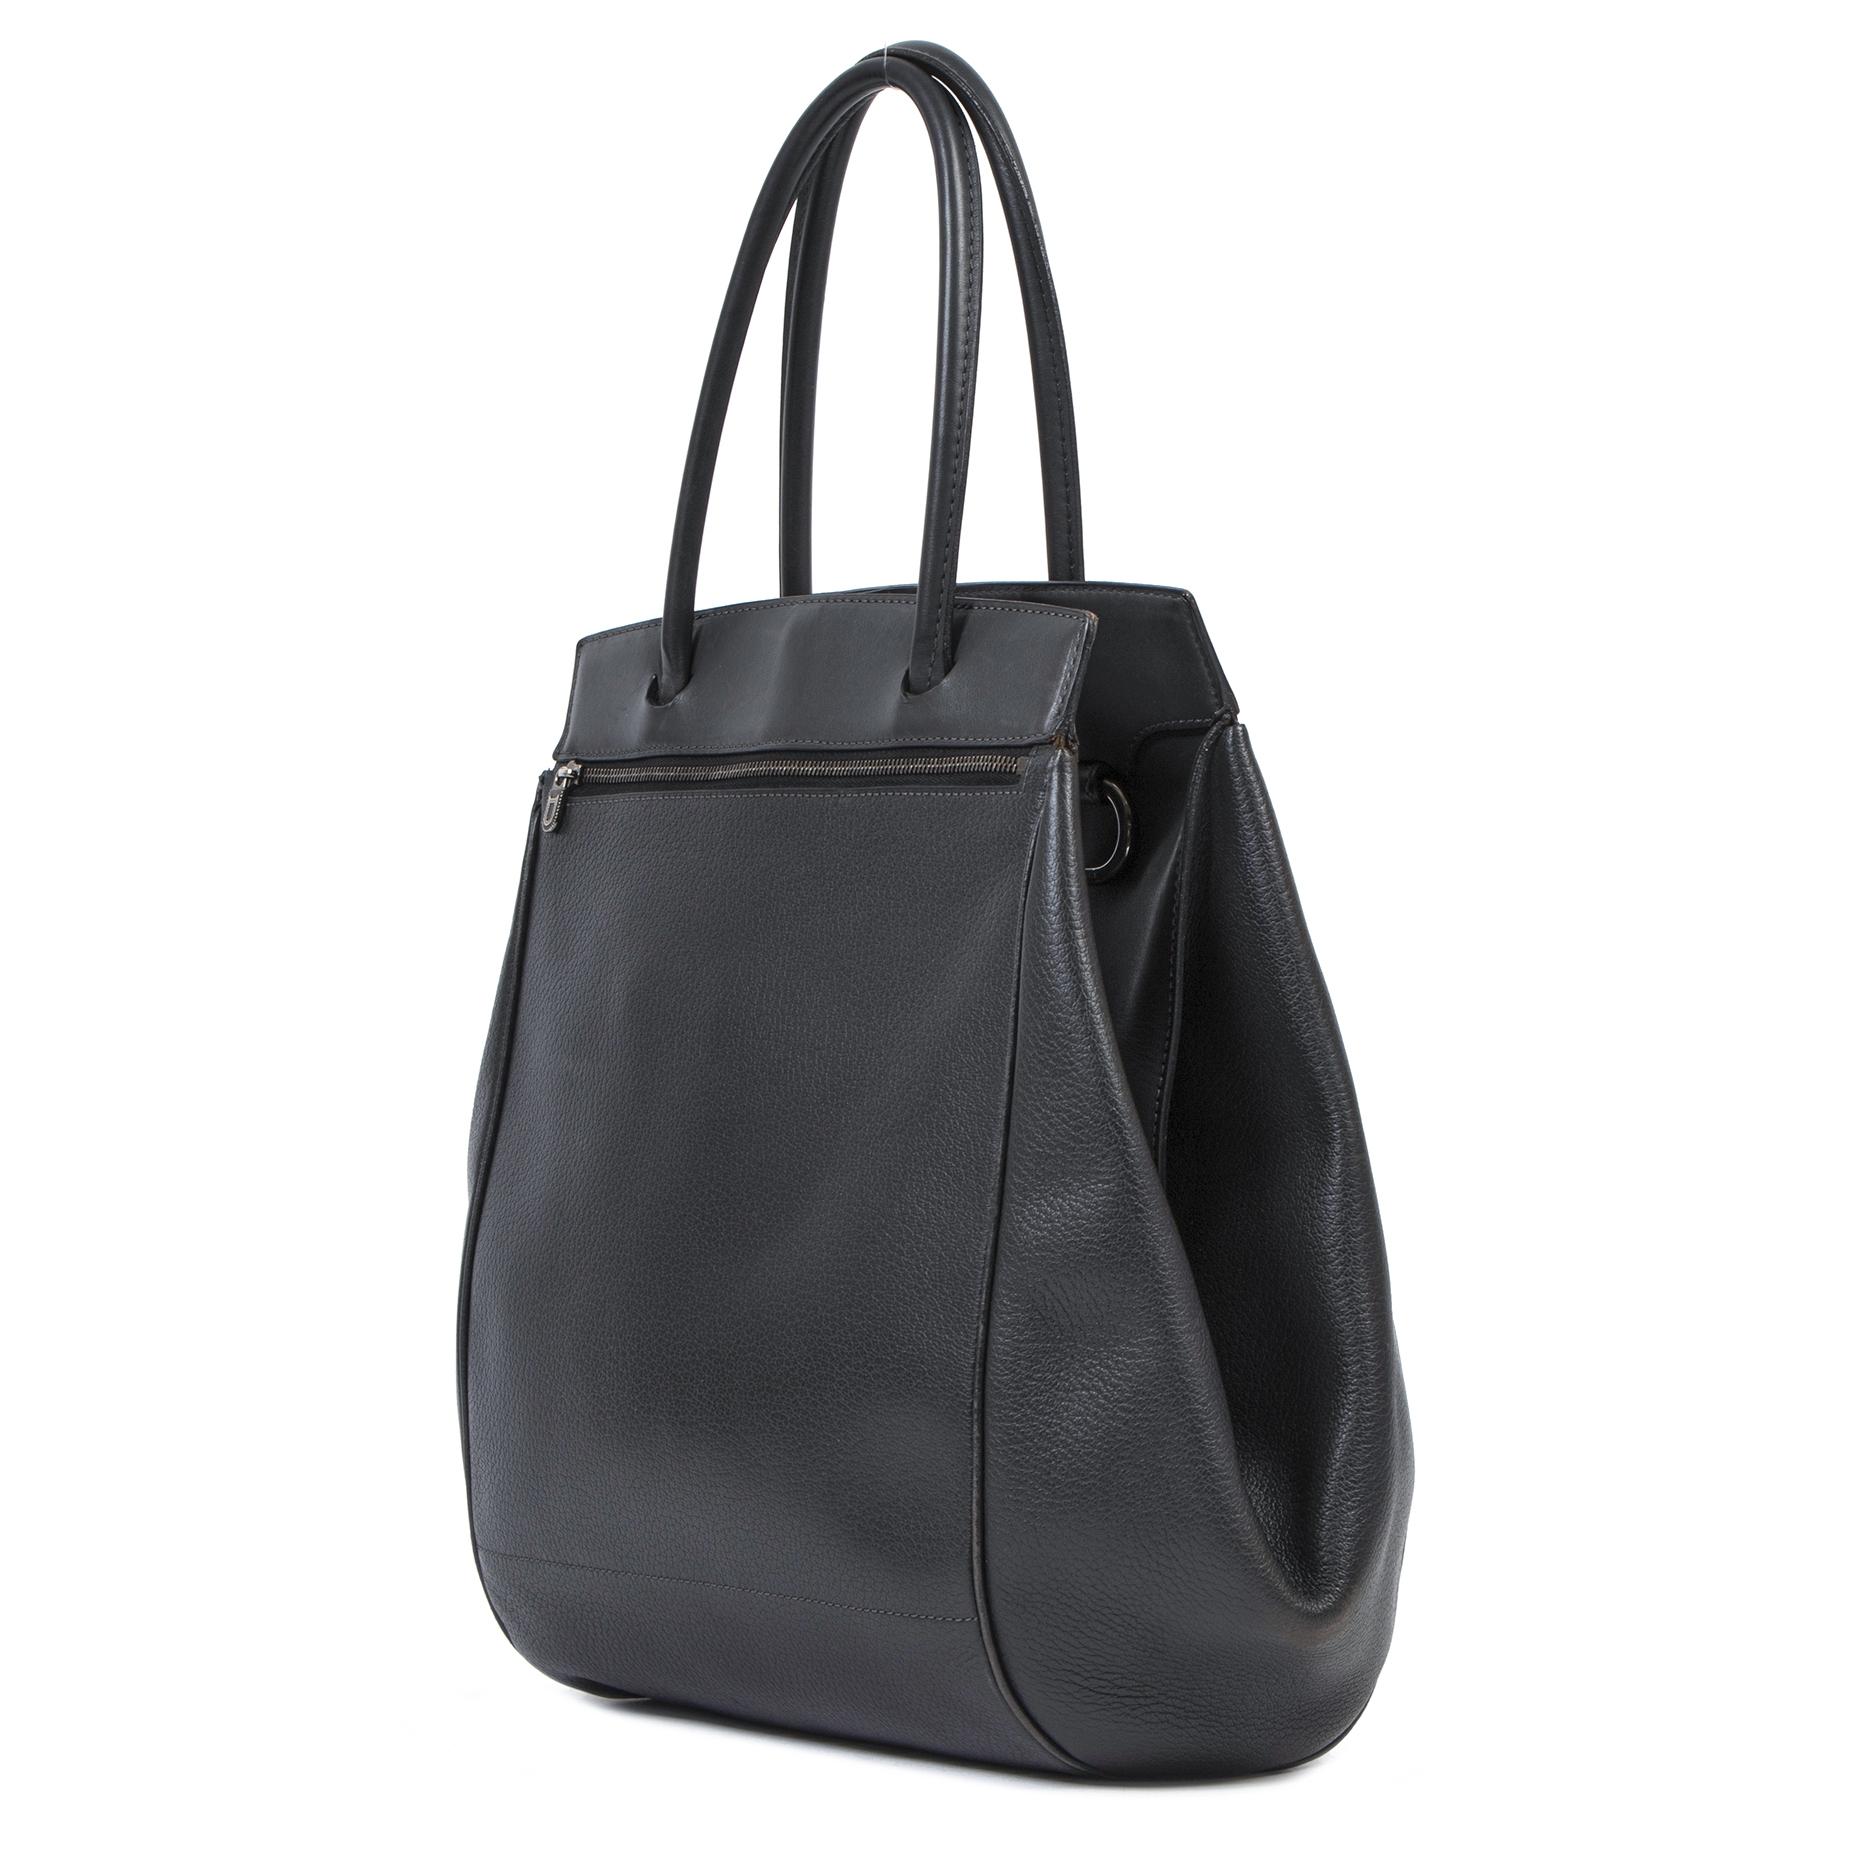 Authentieke Tweedehands Delvaux Grey Baladin Bag juiste prijs veilig online shoppen luxe merken webshop winkelen Antwerpen België mode fashion